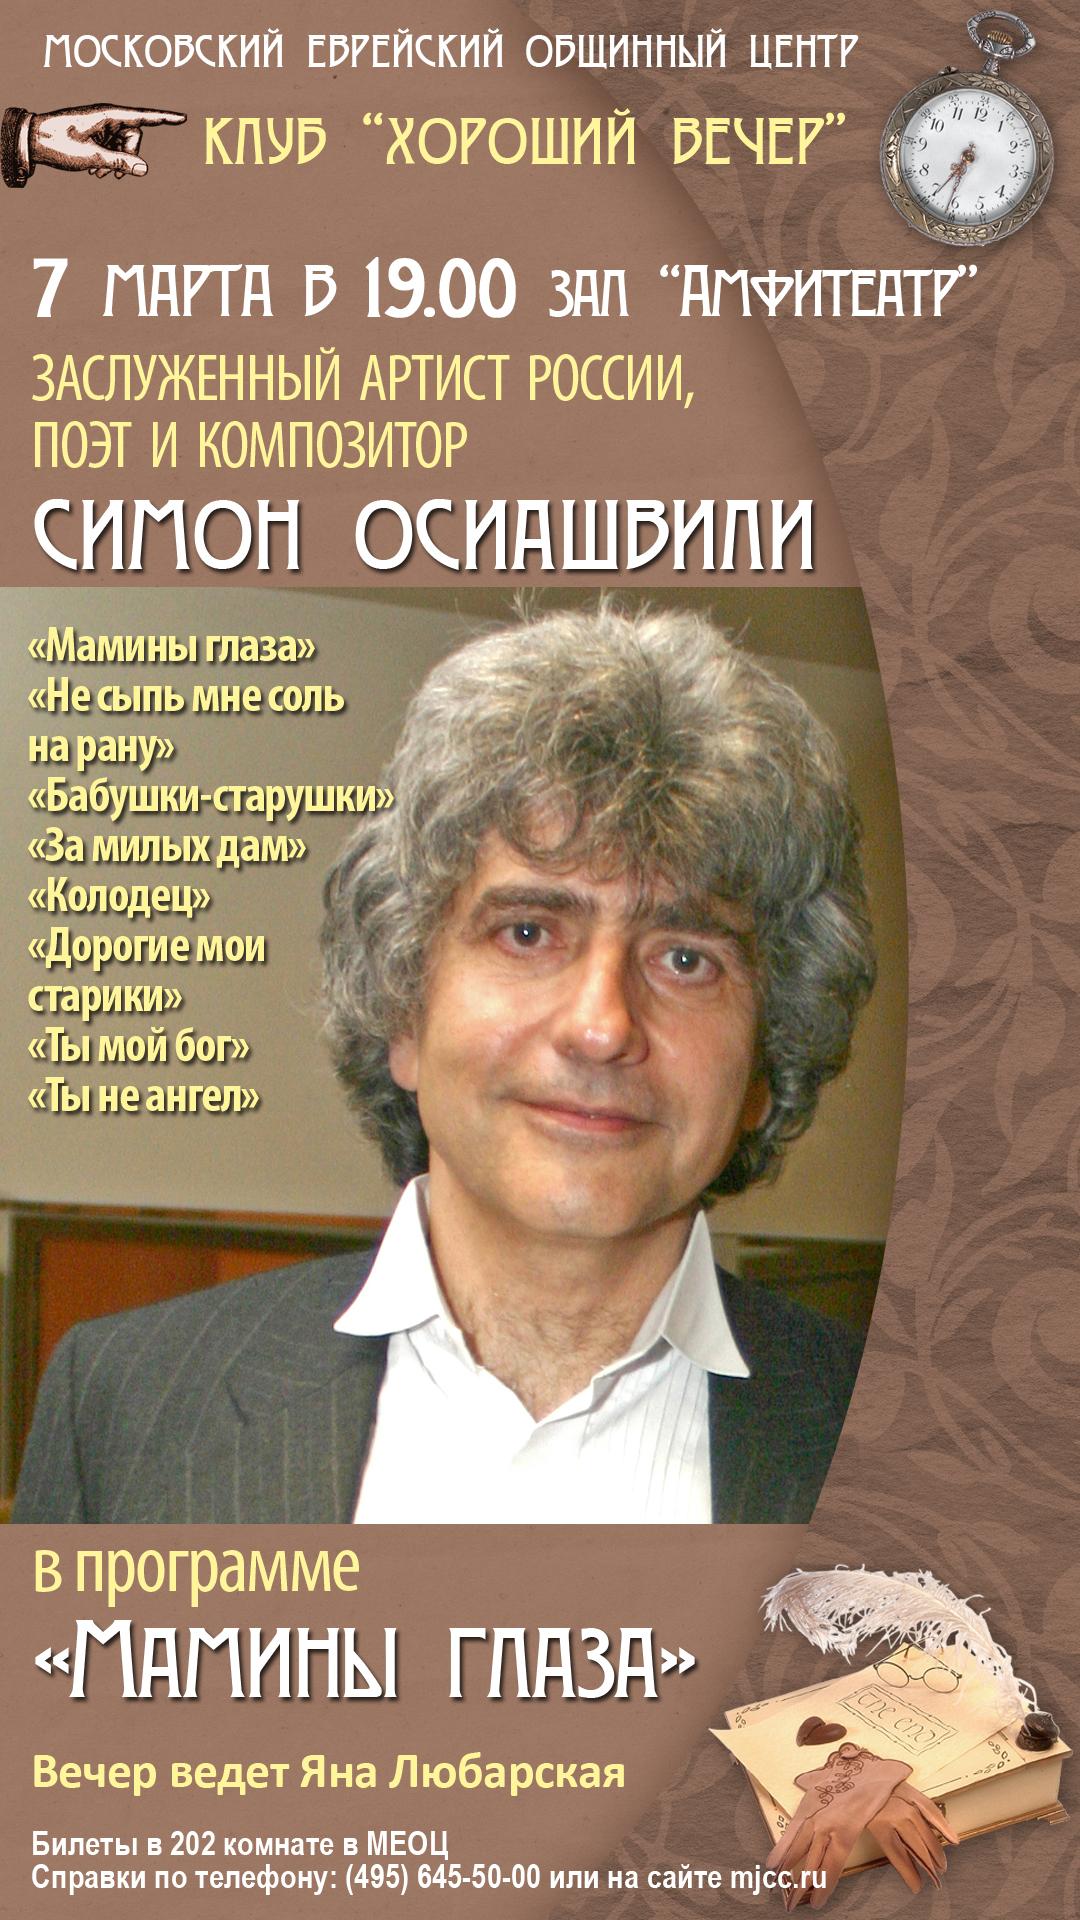 осиашвили (копия)